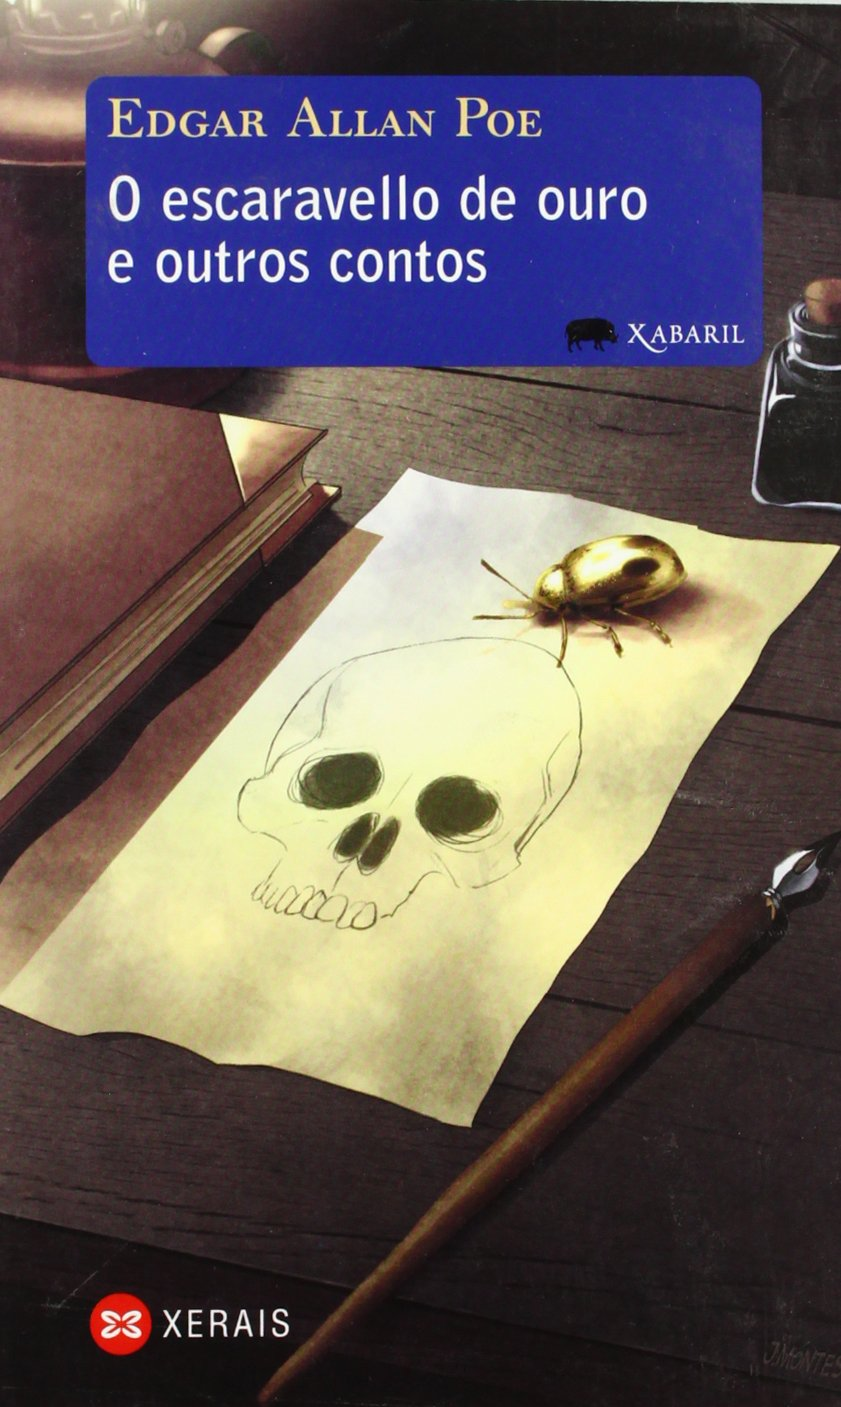 O escaravello de ouro e outros contos (Infantil E Xuvenil - Xabarín - Xabaril)